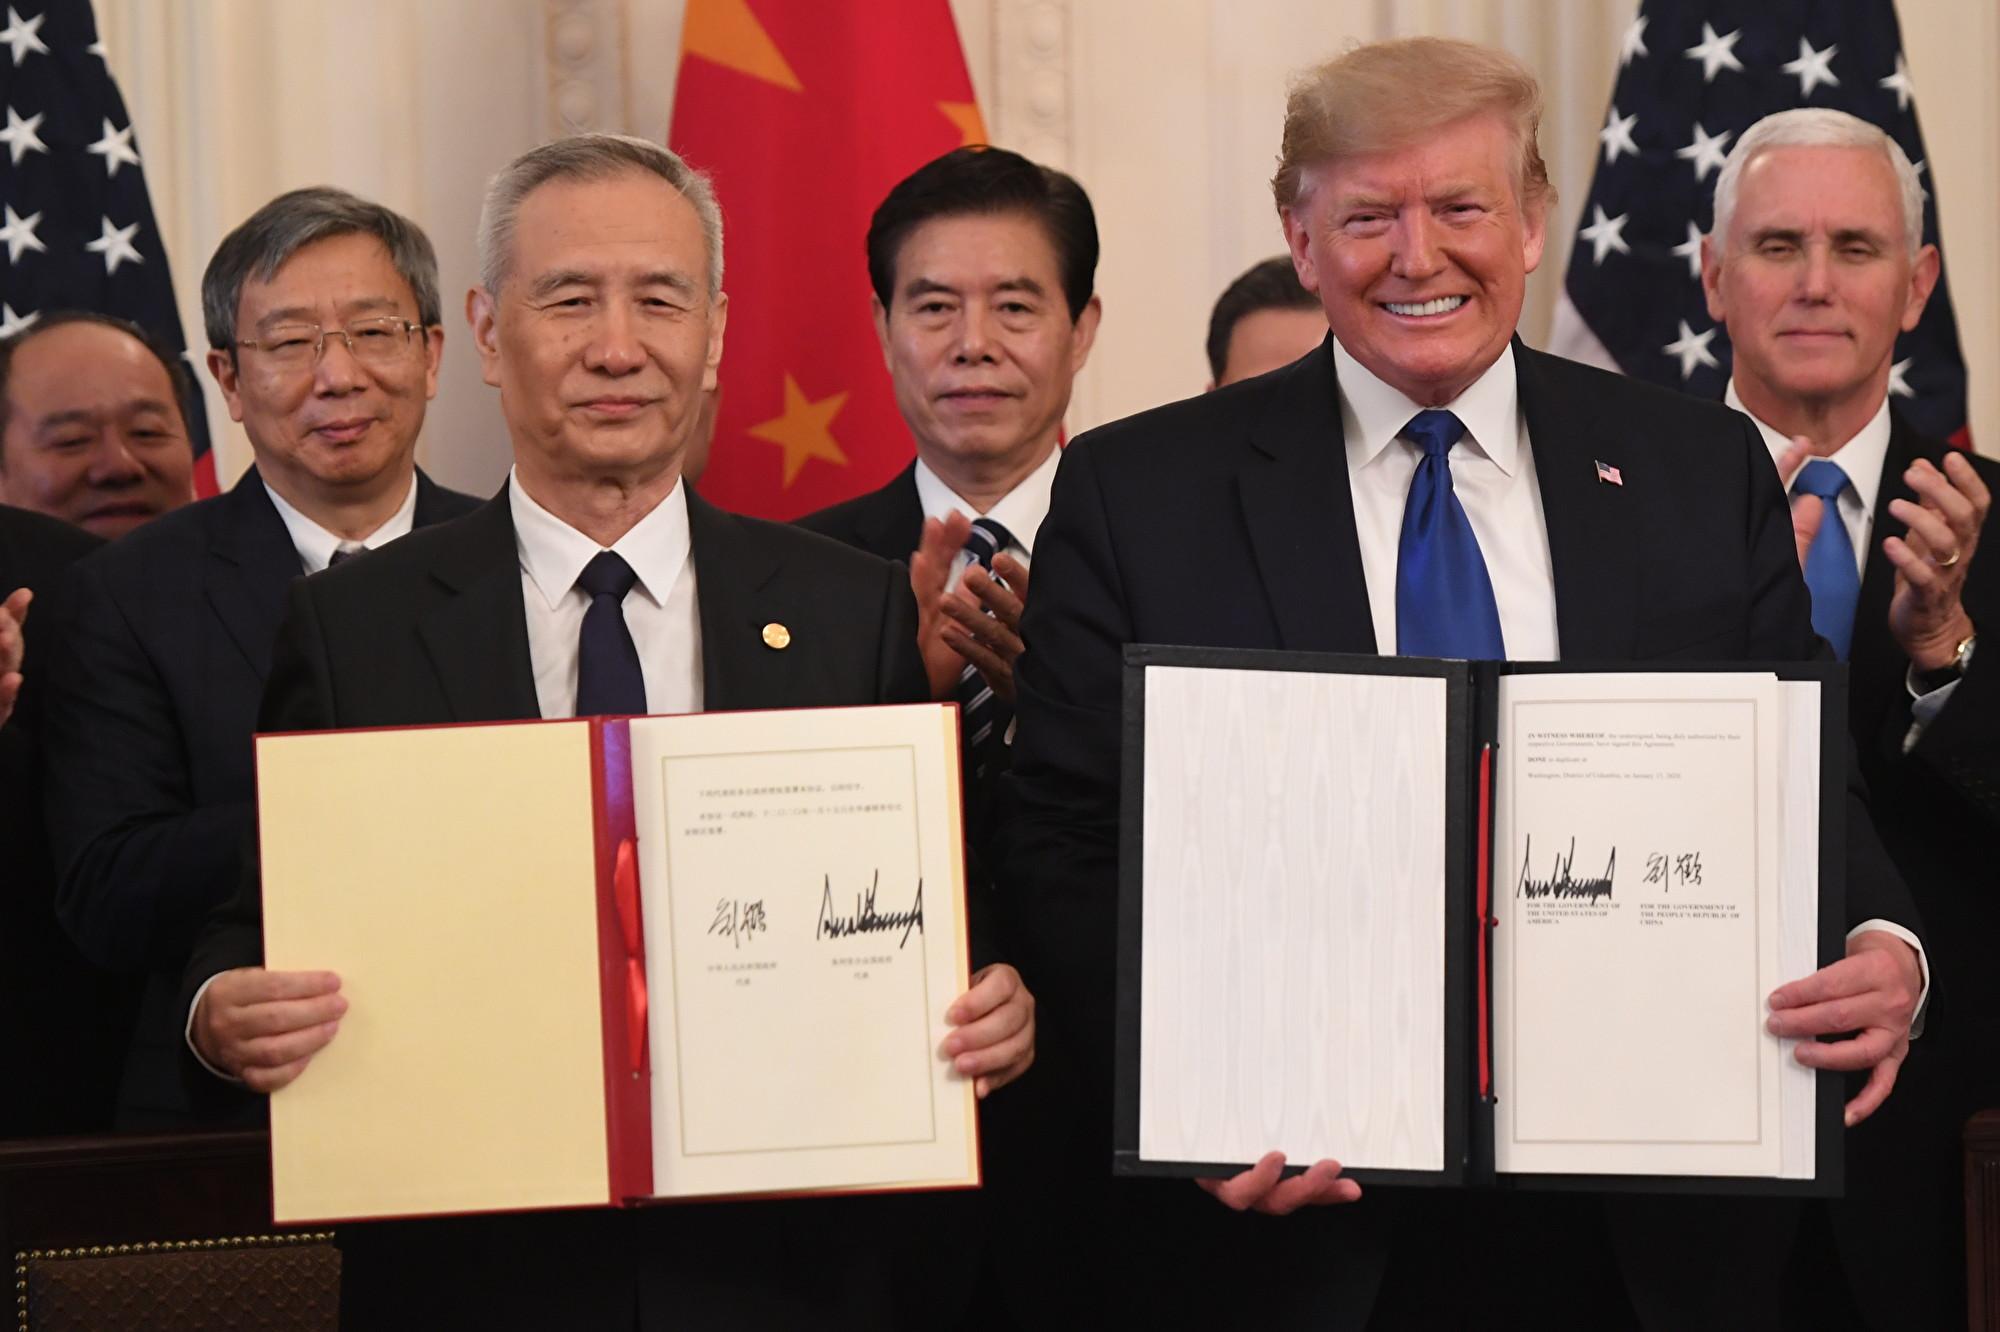 中美簽協議 北京異乎尋常低調 特朗普高調